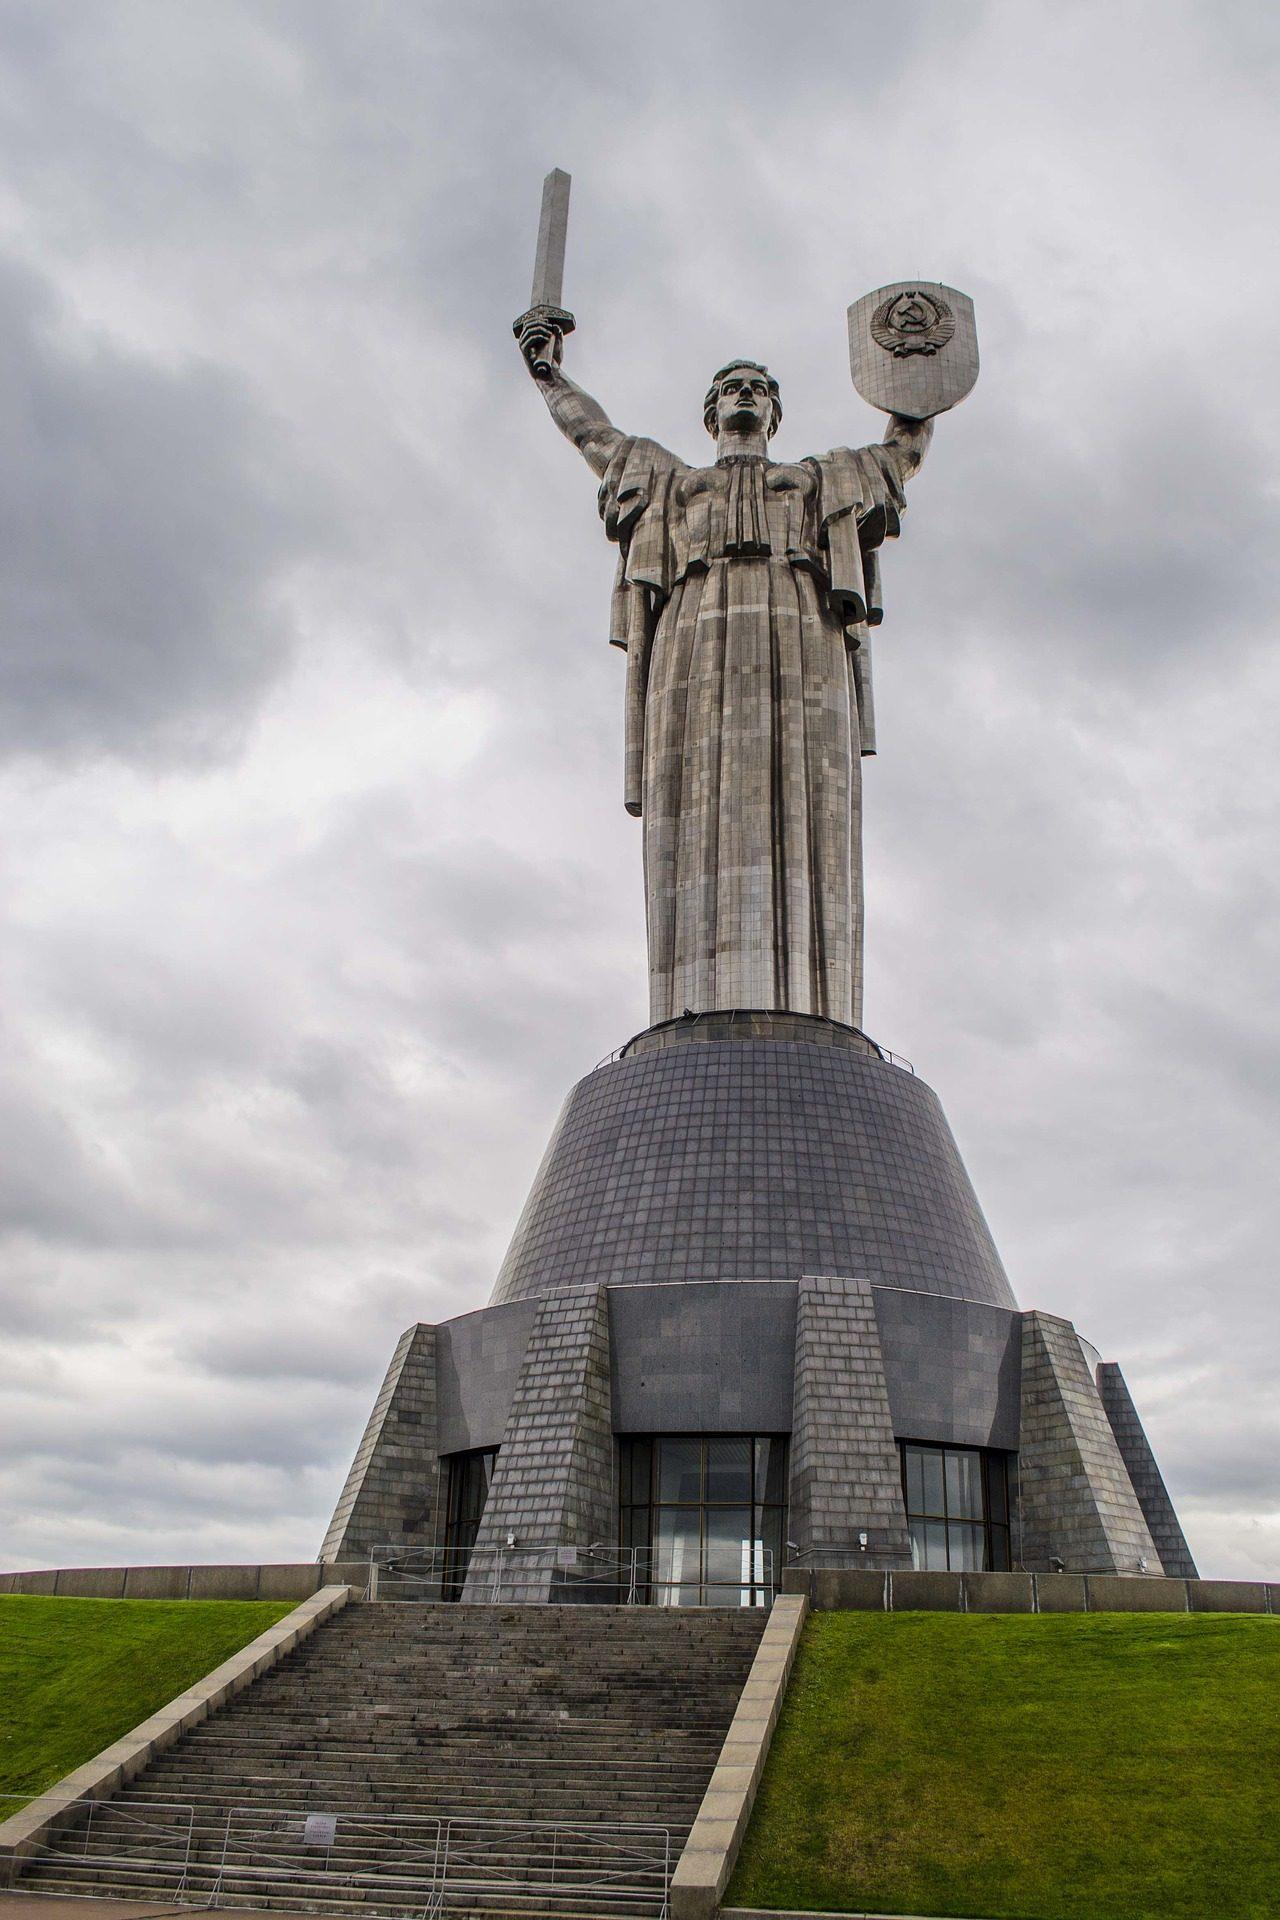 Памятник, Статуя, меч, металл, Киев - Обои HD - Профессор falken.com